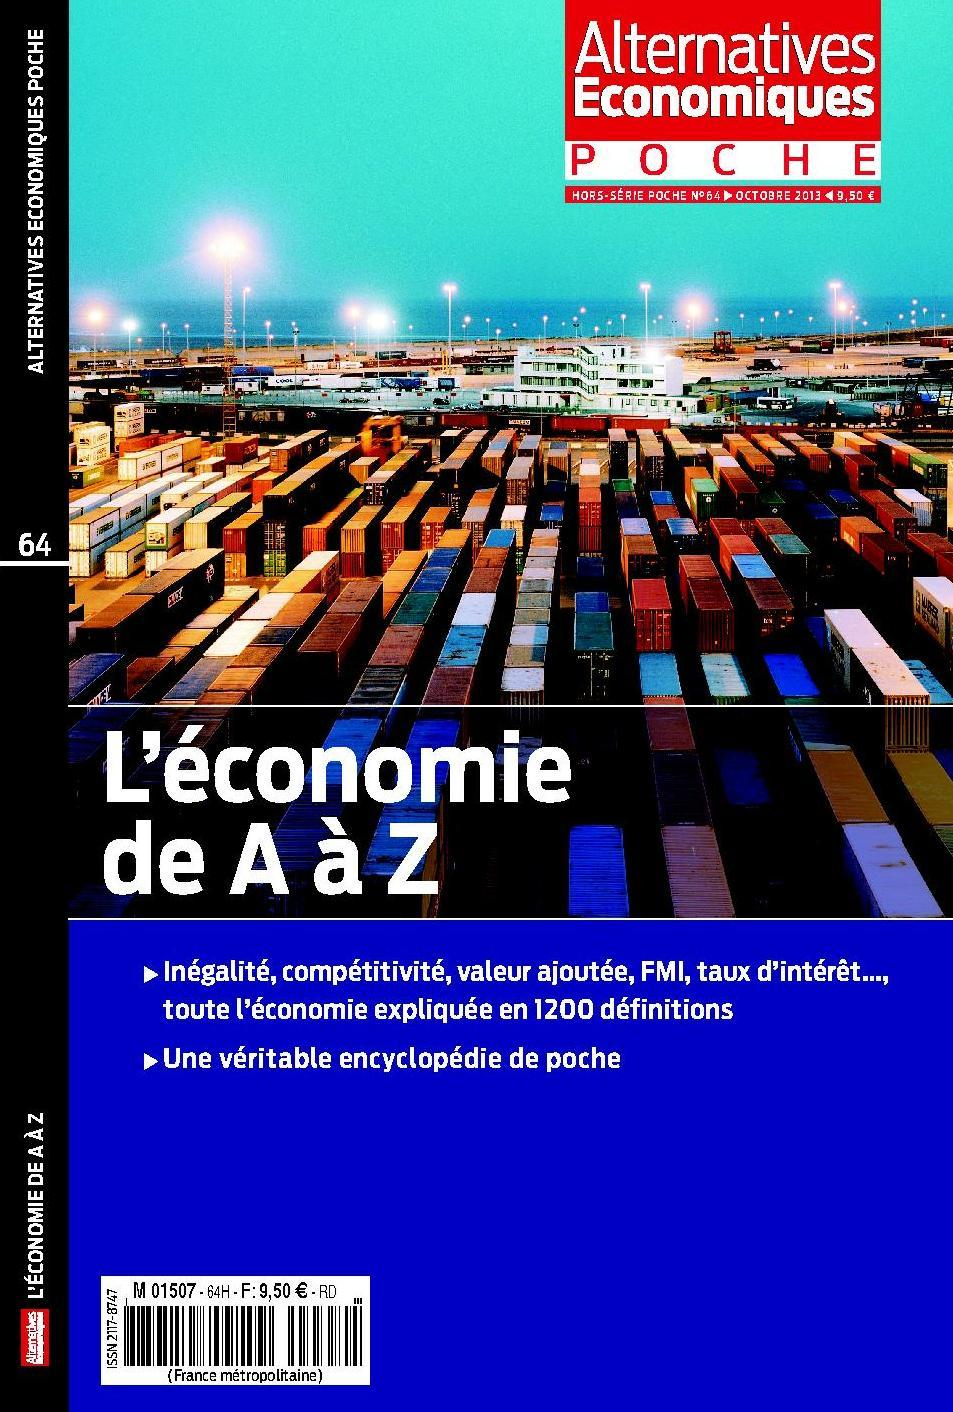 ALTERNATIVES ECONOMIQUES - HORS-SERIE POCHE - NUMERO 64 L'ECONOMIE DE A A Z - OCTOBRE 2013